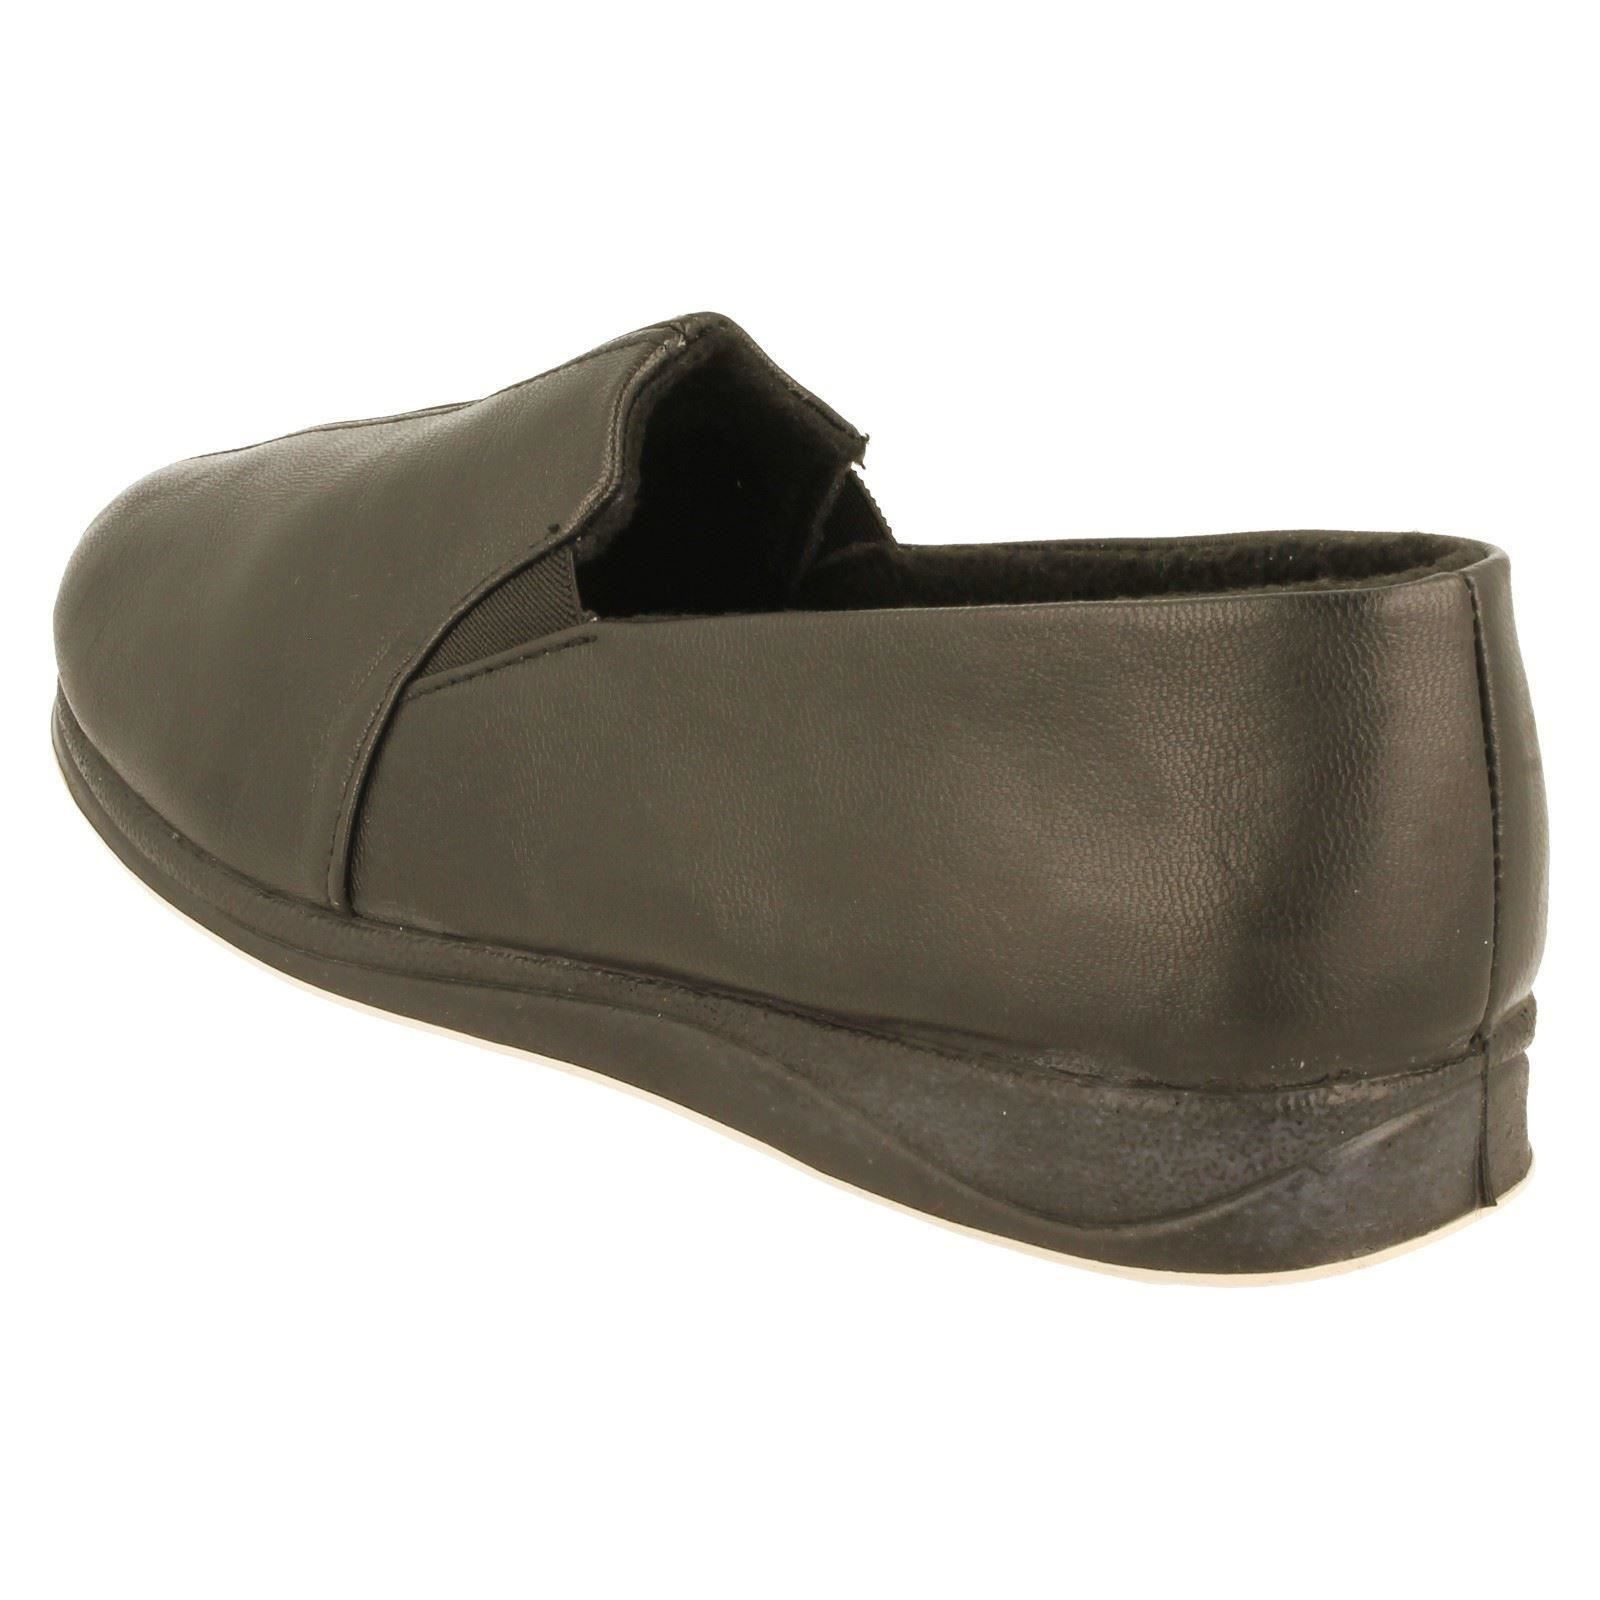 Homme / femme Hommes padders style pantoufles style padders Ben-w Résistant à l'usure Mode attrayante Excellente finition 38b875